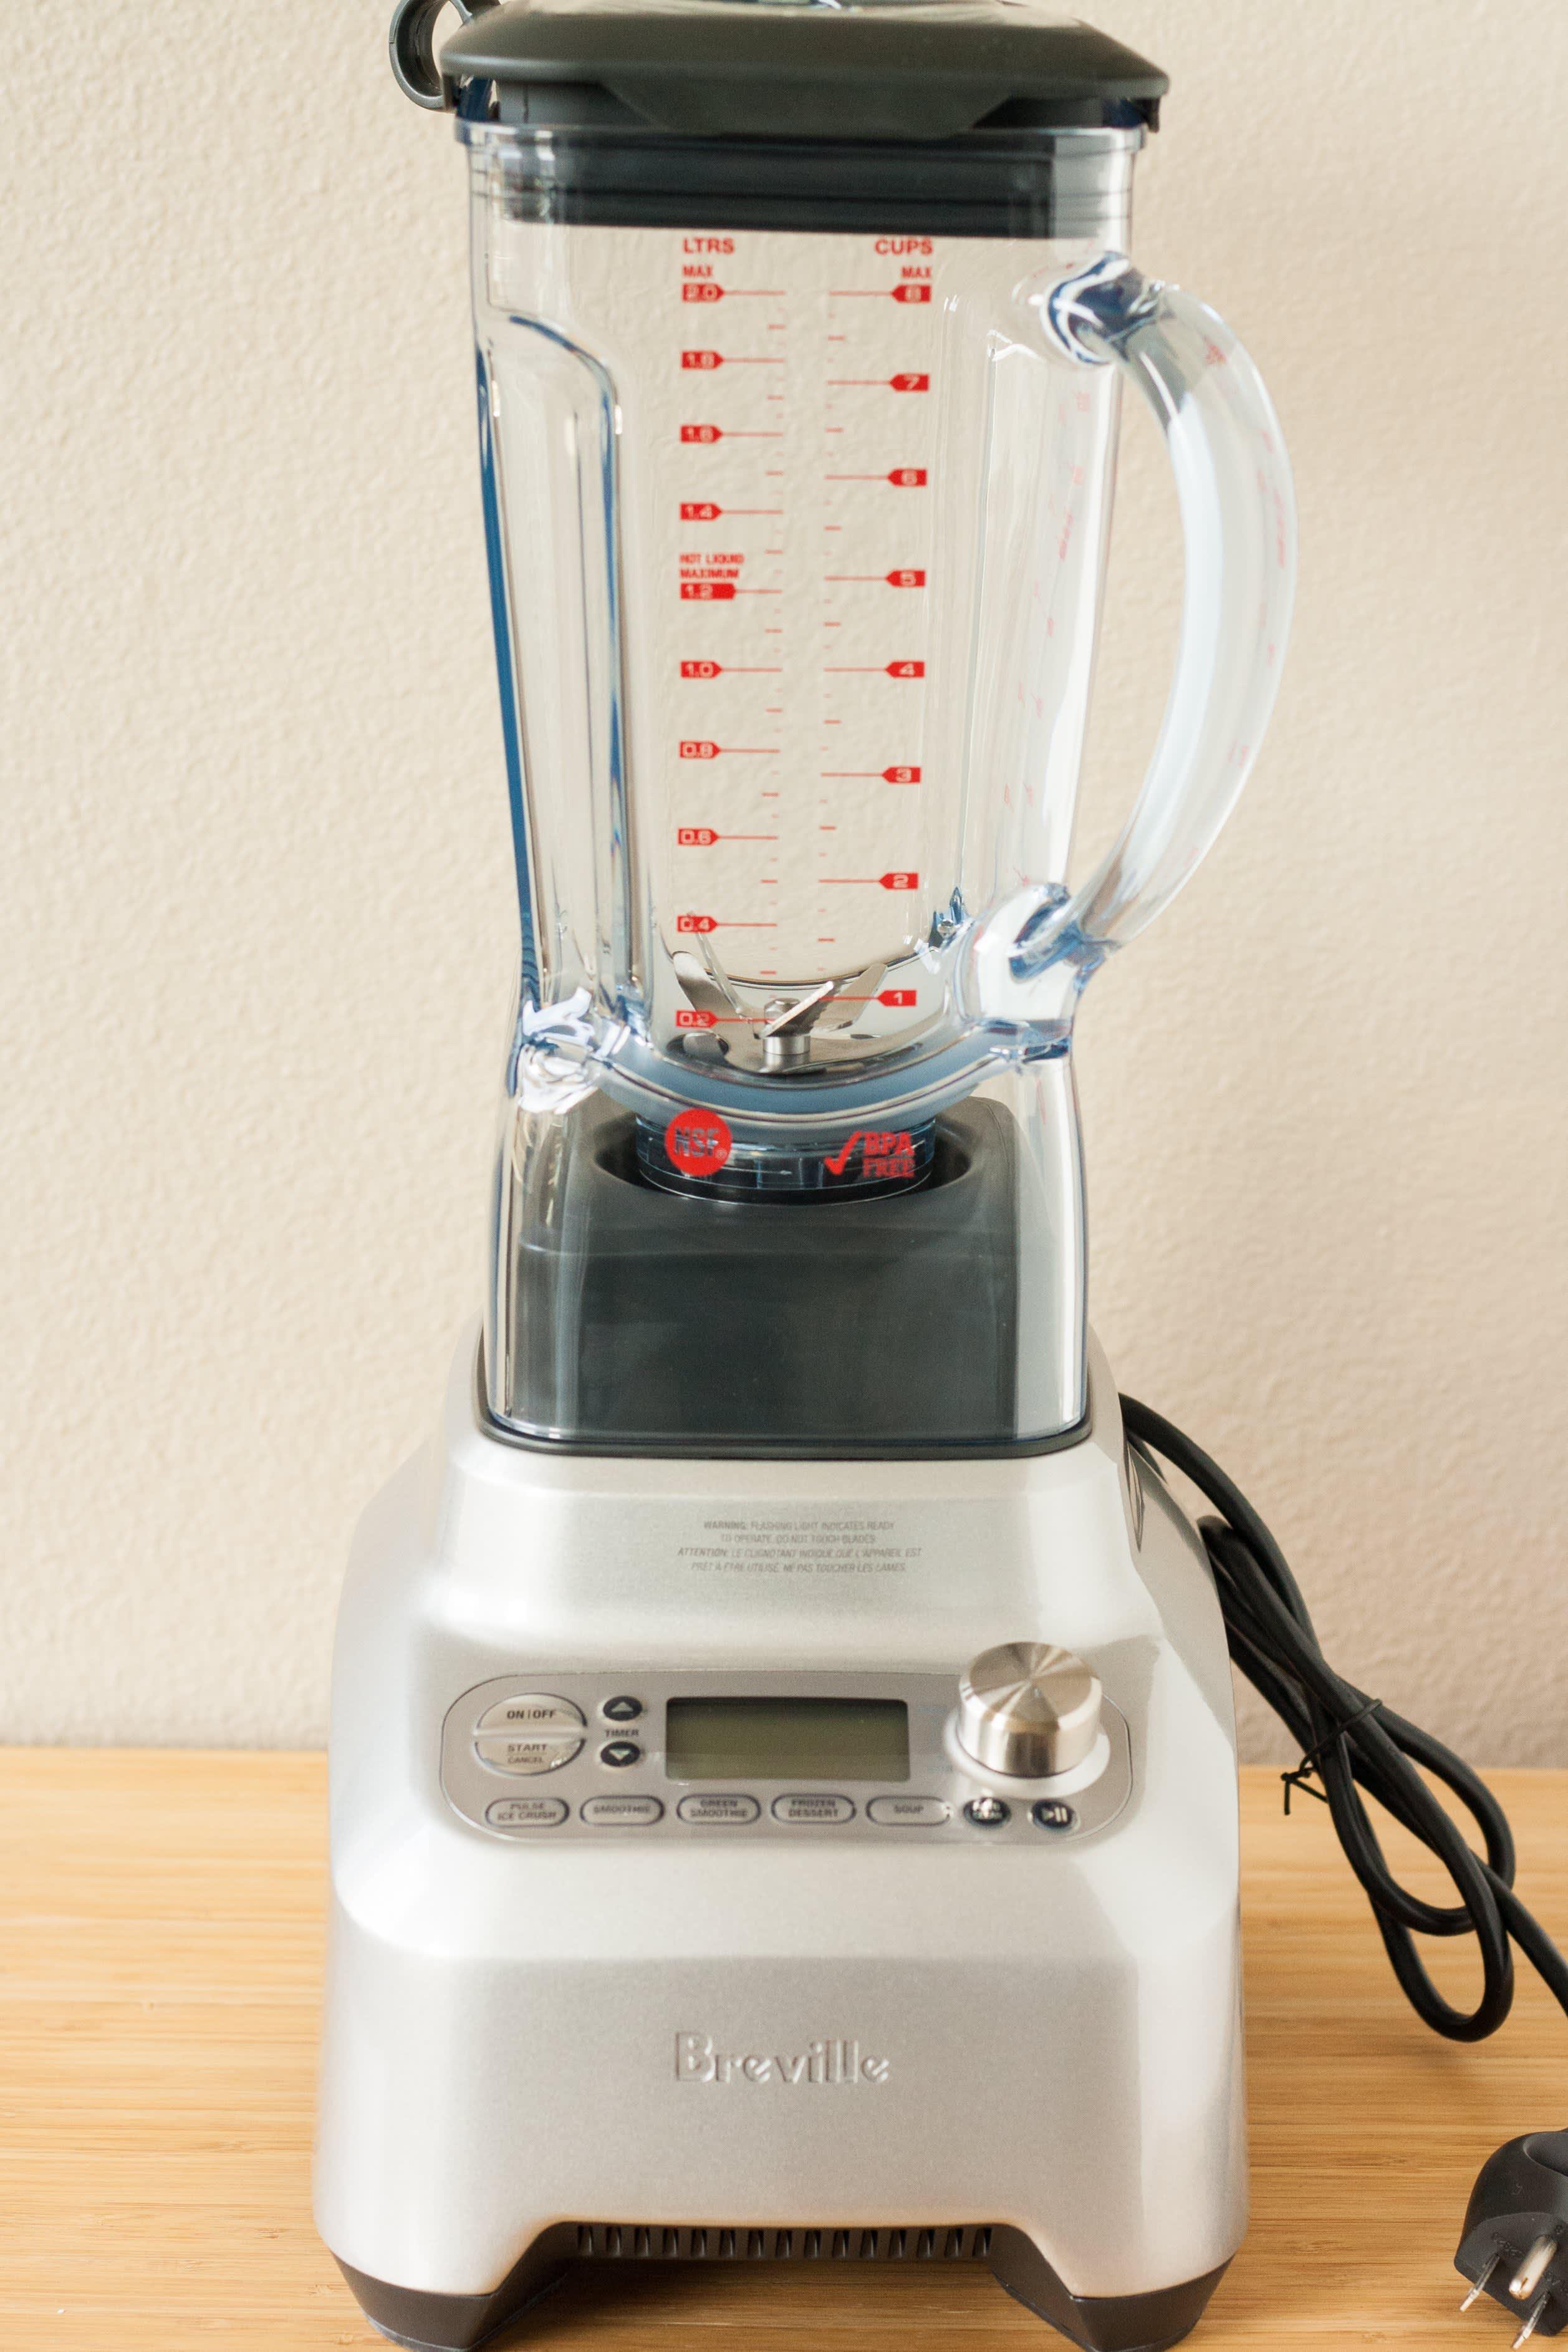 The Breville Boss Blender Has Bells and Whistles for Easy, Preset Blending: gallery image 1